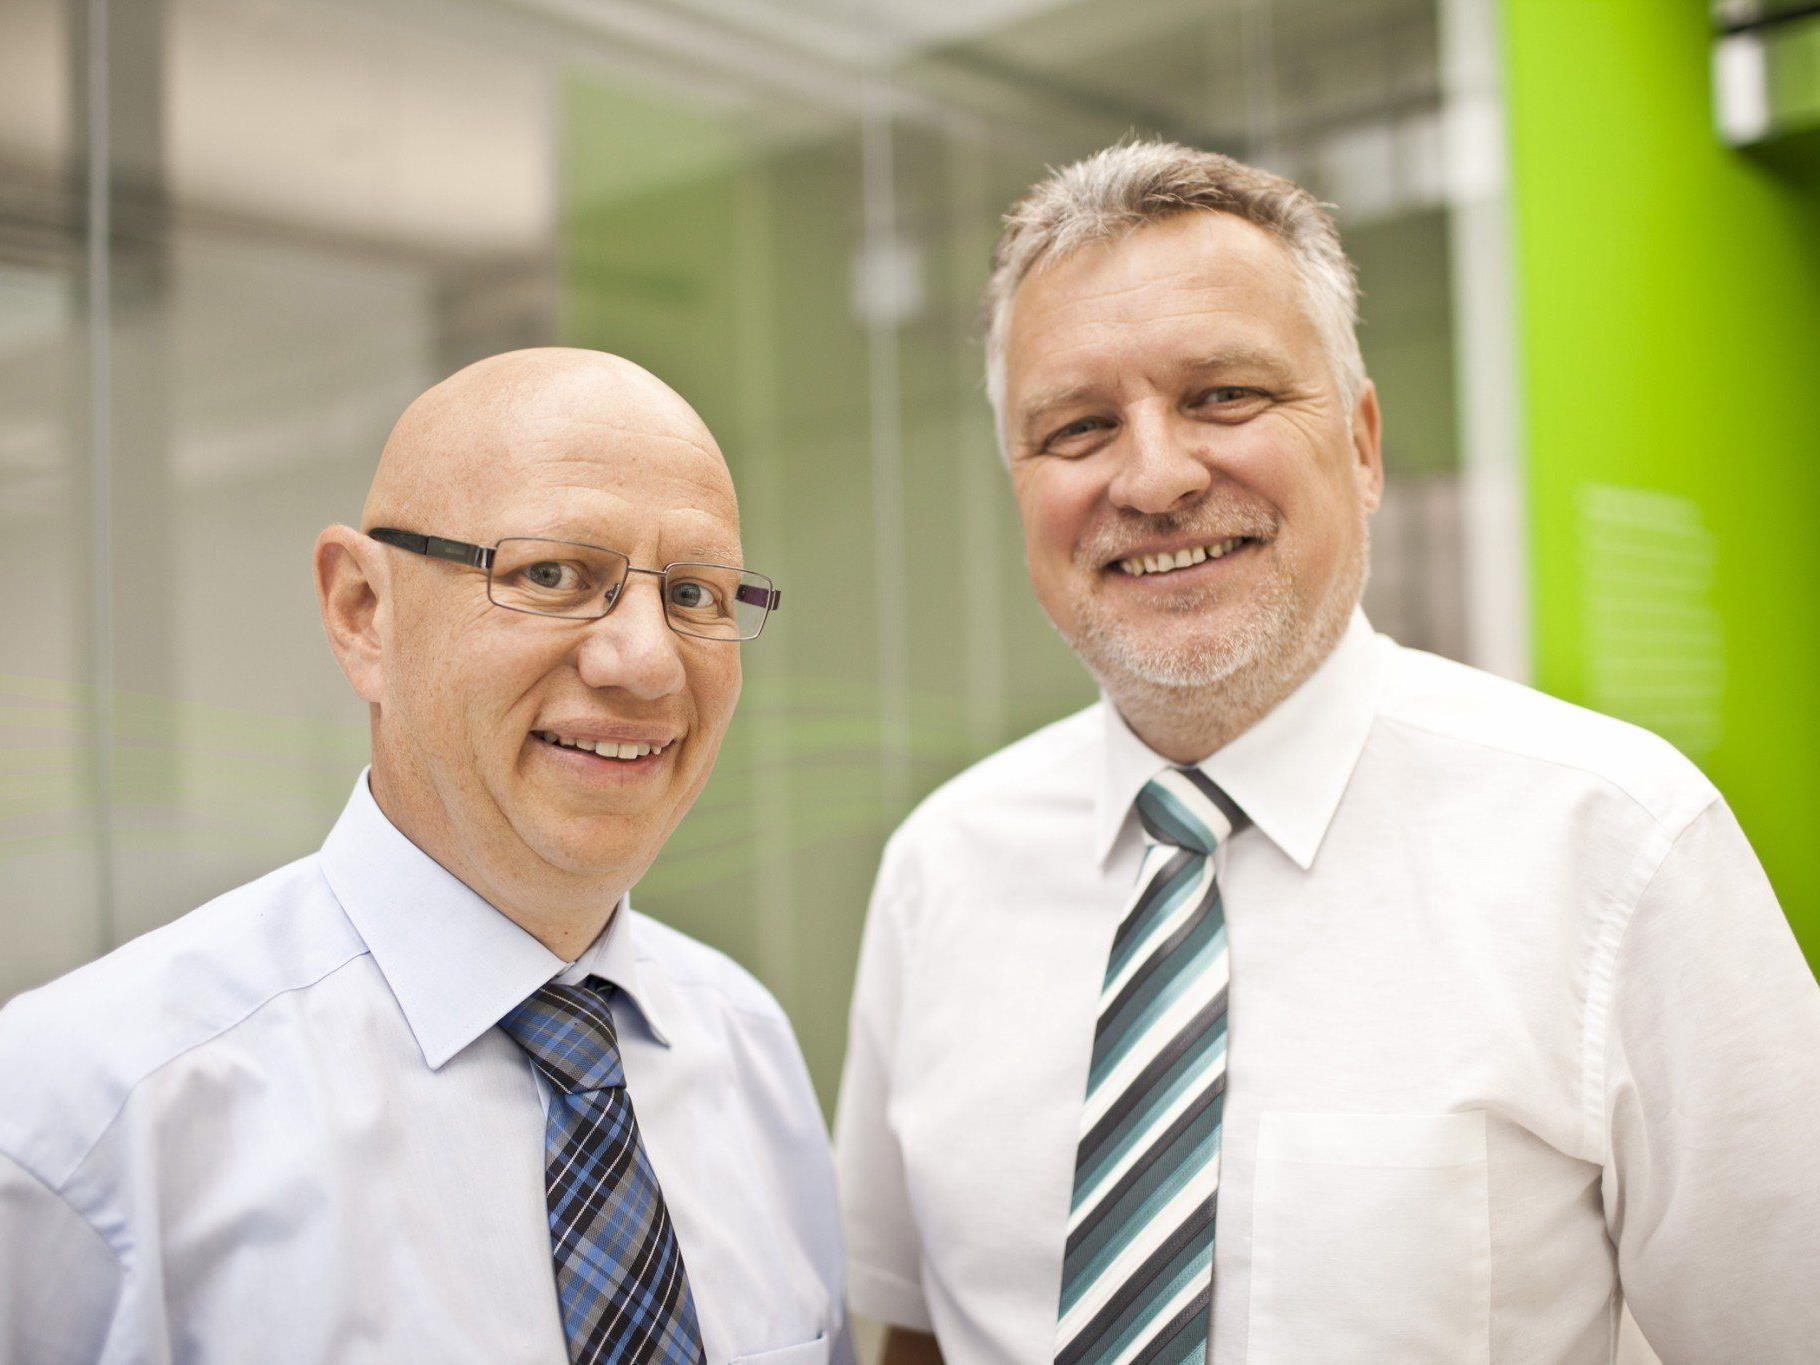 Top-Qualität von Beginn an: 1zu1 Prototypen gehört auch beim 3D-Druck aus Polyamid zu den Qualitätsführern, sind die beiden Geschäftsführer Hannes Hämmerle (links) und Wolfgang Humml überzeugt.